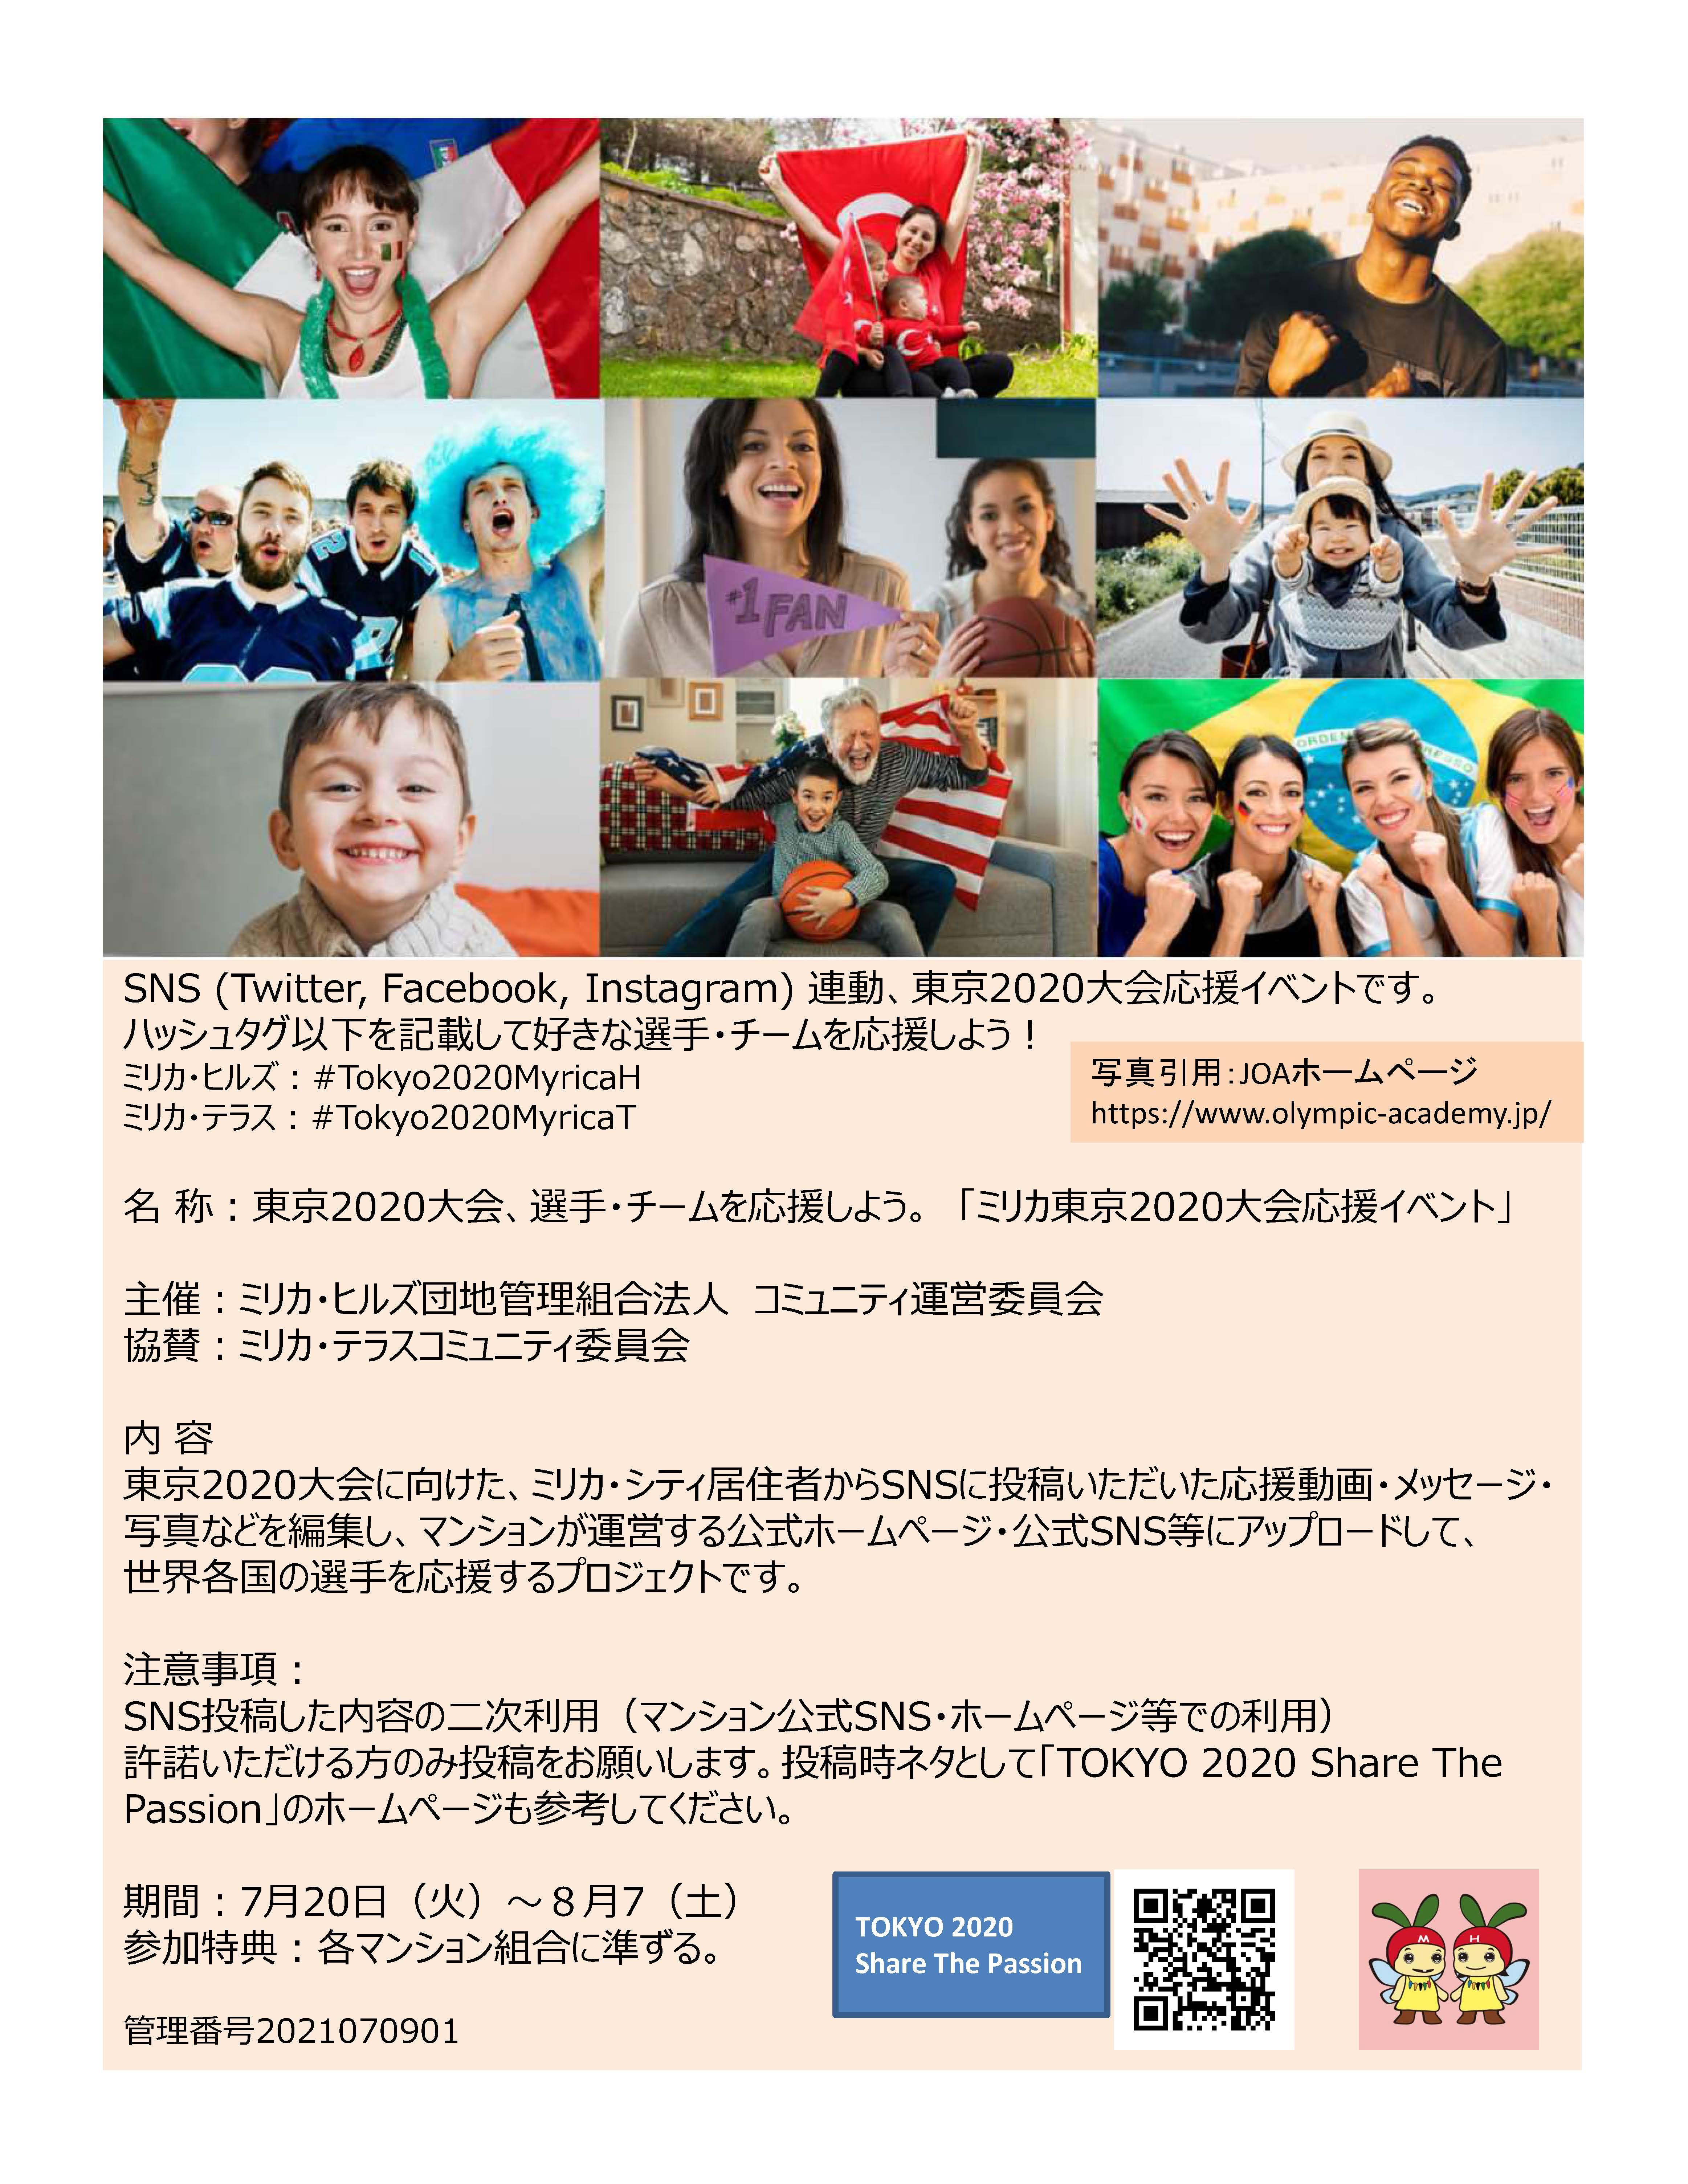 東京2020大会応援イベントの開催について